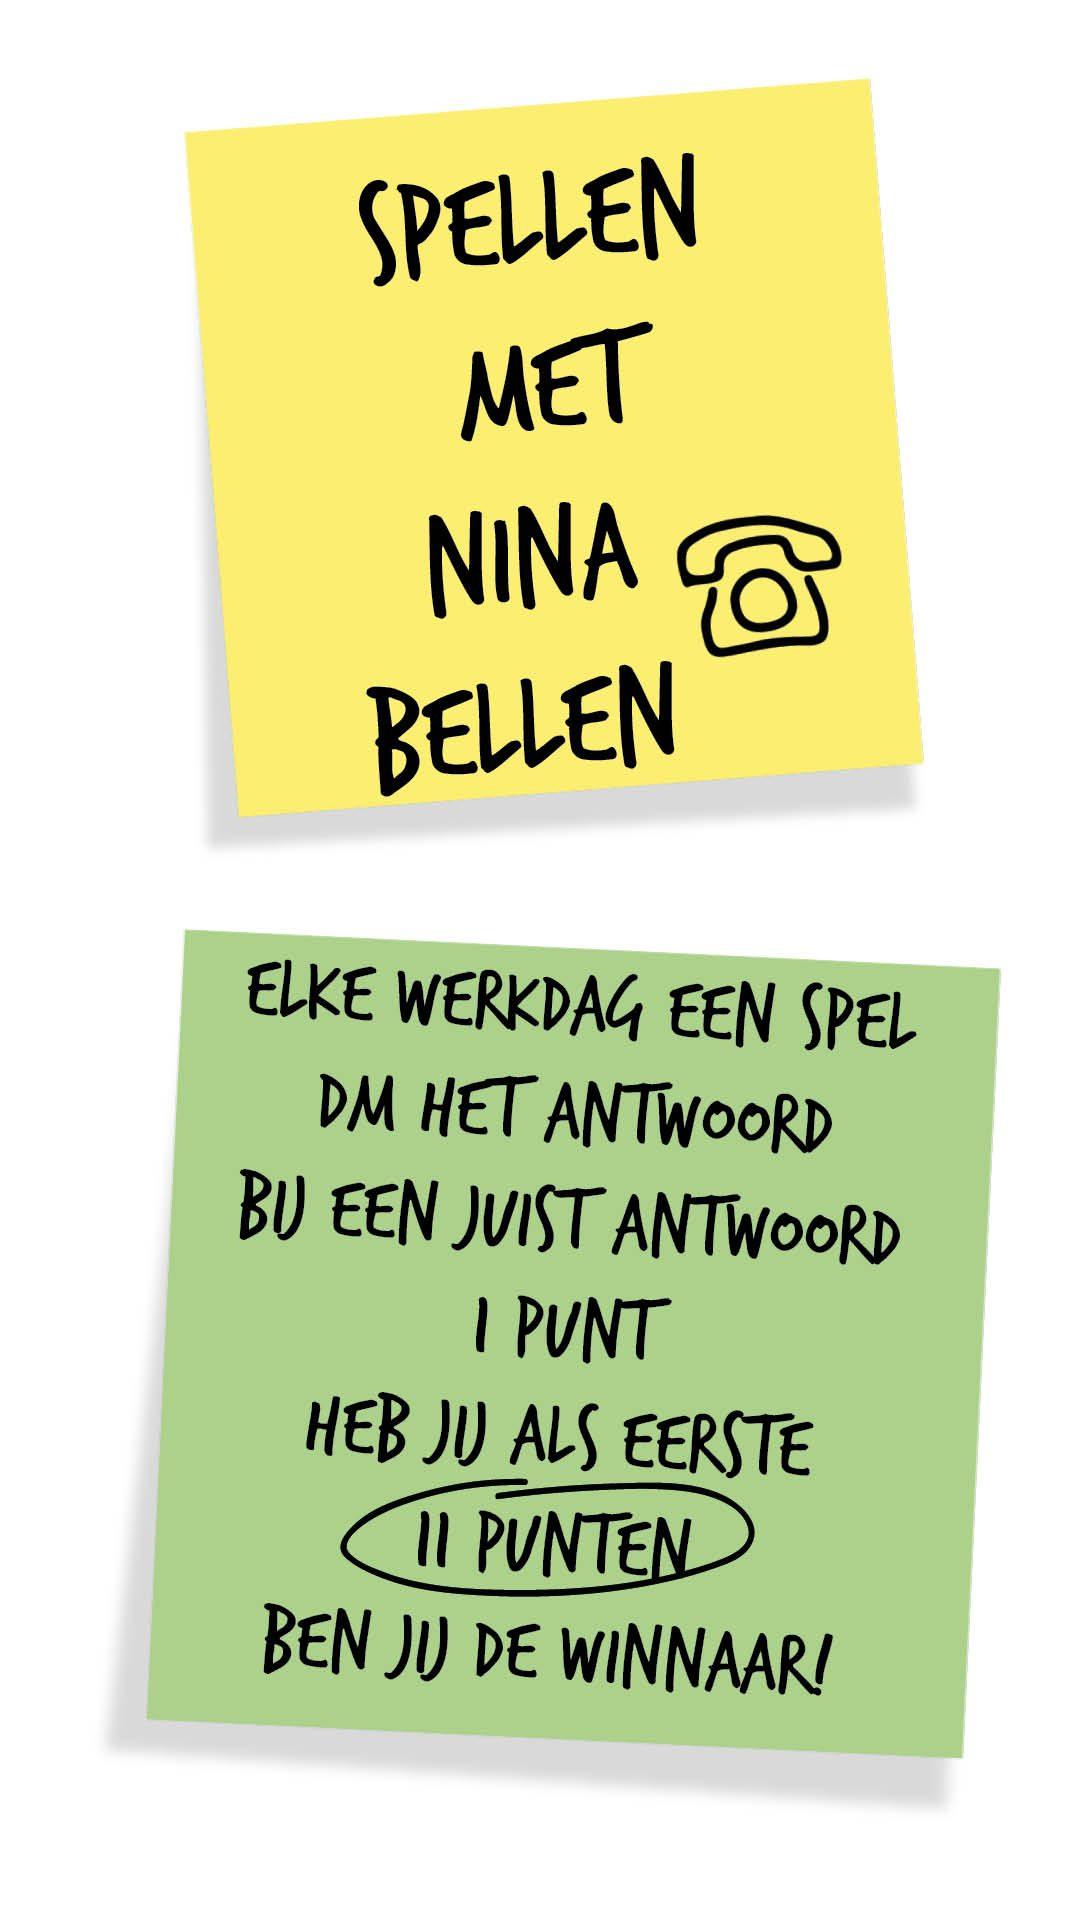 INTRO-1.1-Spellen-met-Nina-Bellen.jpg#asset:4793